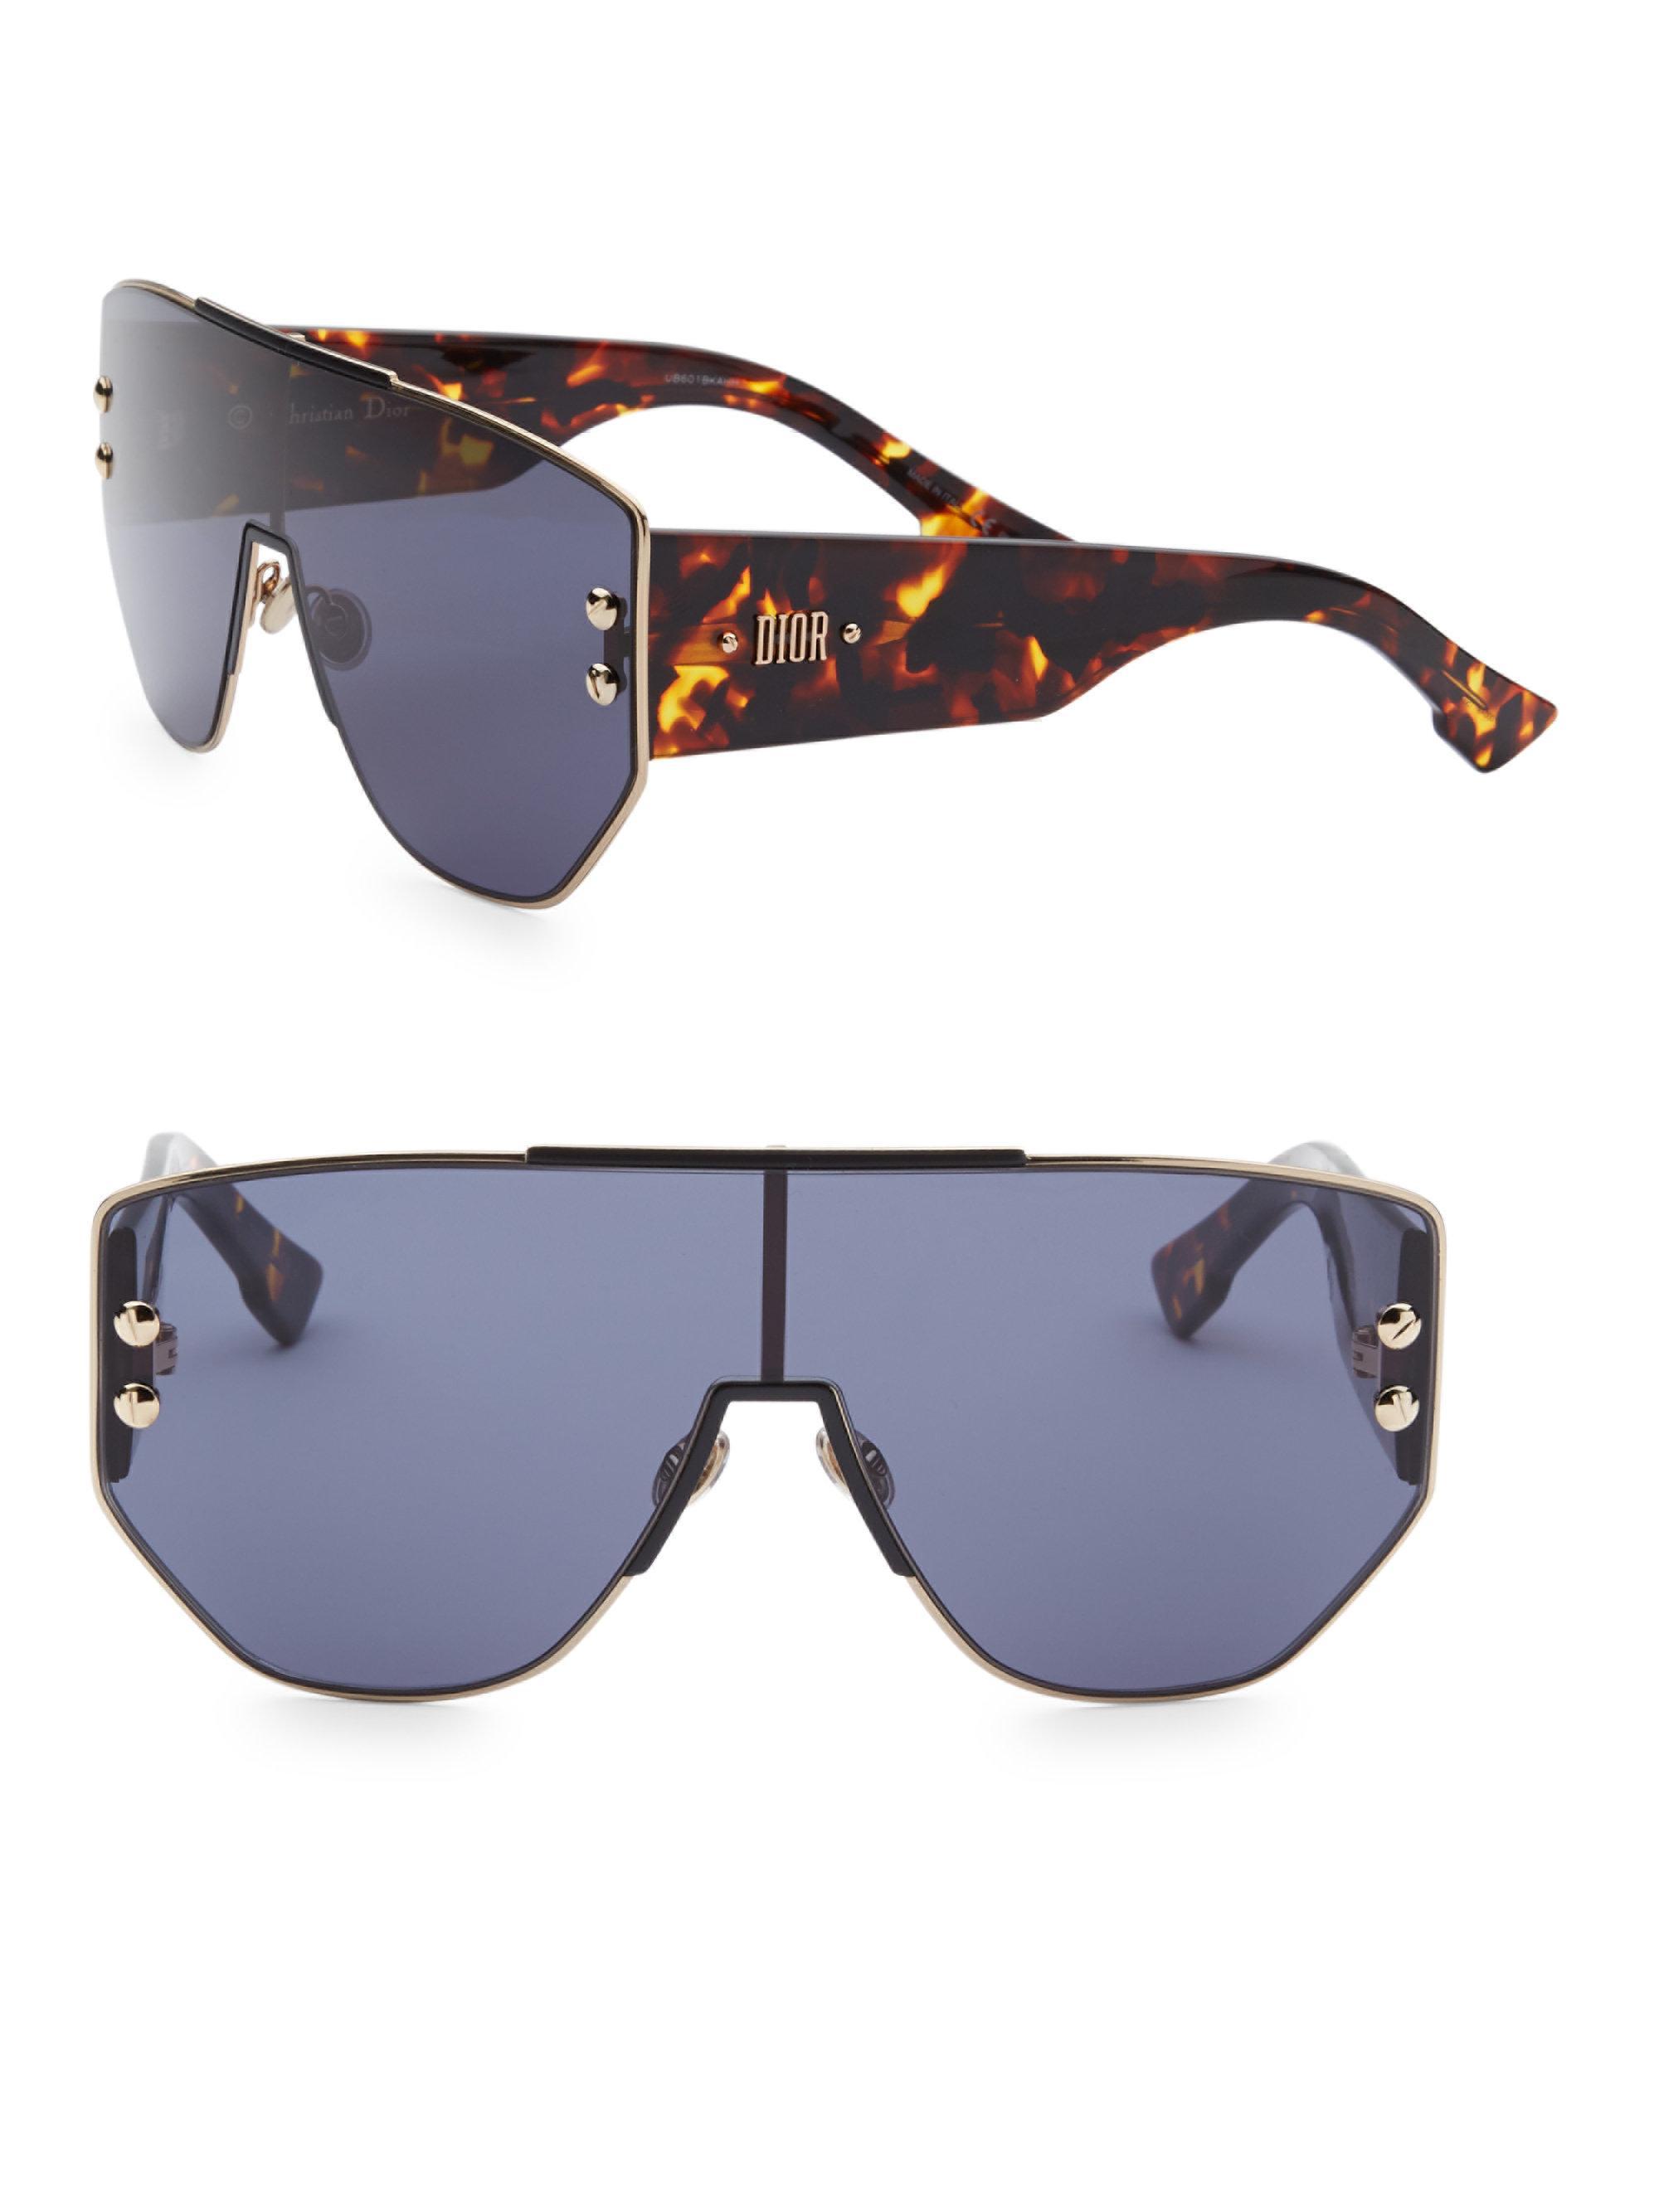 3c0af4db3aff2 Dior 99mm Shield Sunglasses in Blue - Lyst